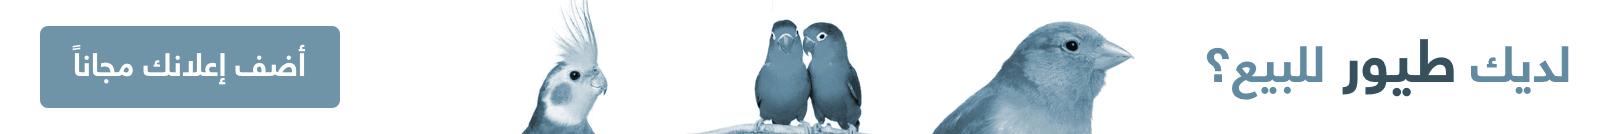 اضف اعلان بيع وشراء طيور الزينة